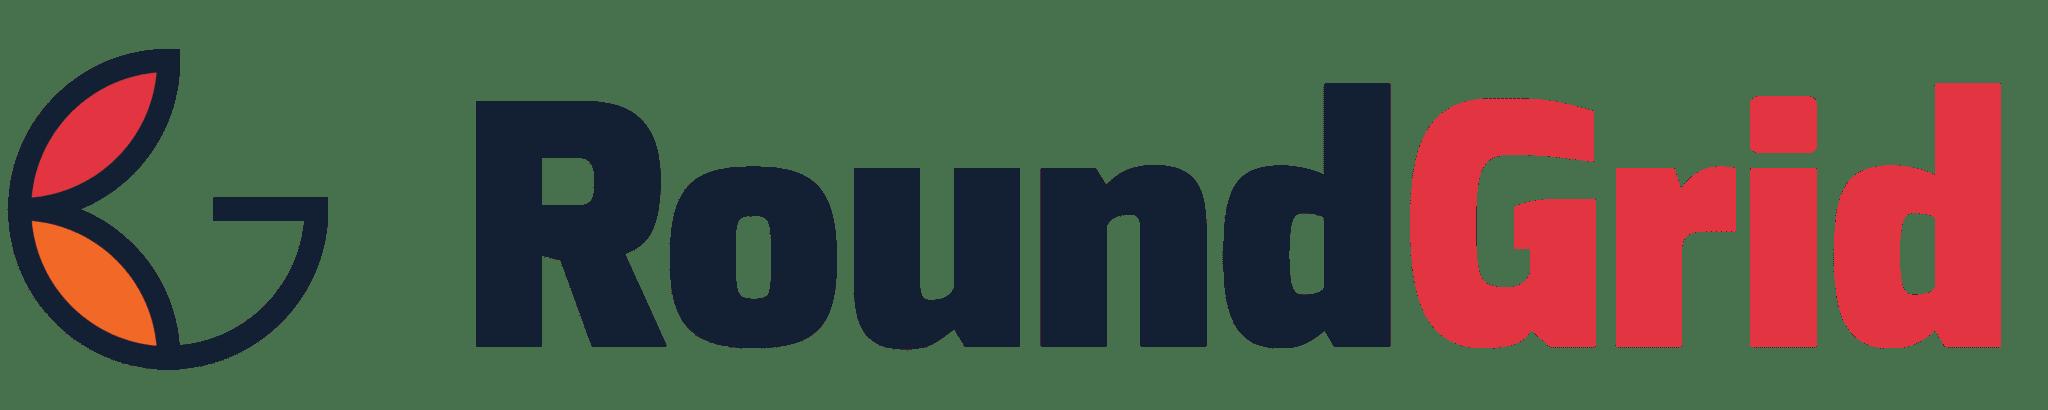 Roundgrid